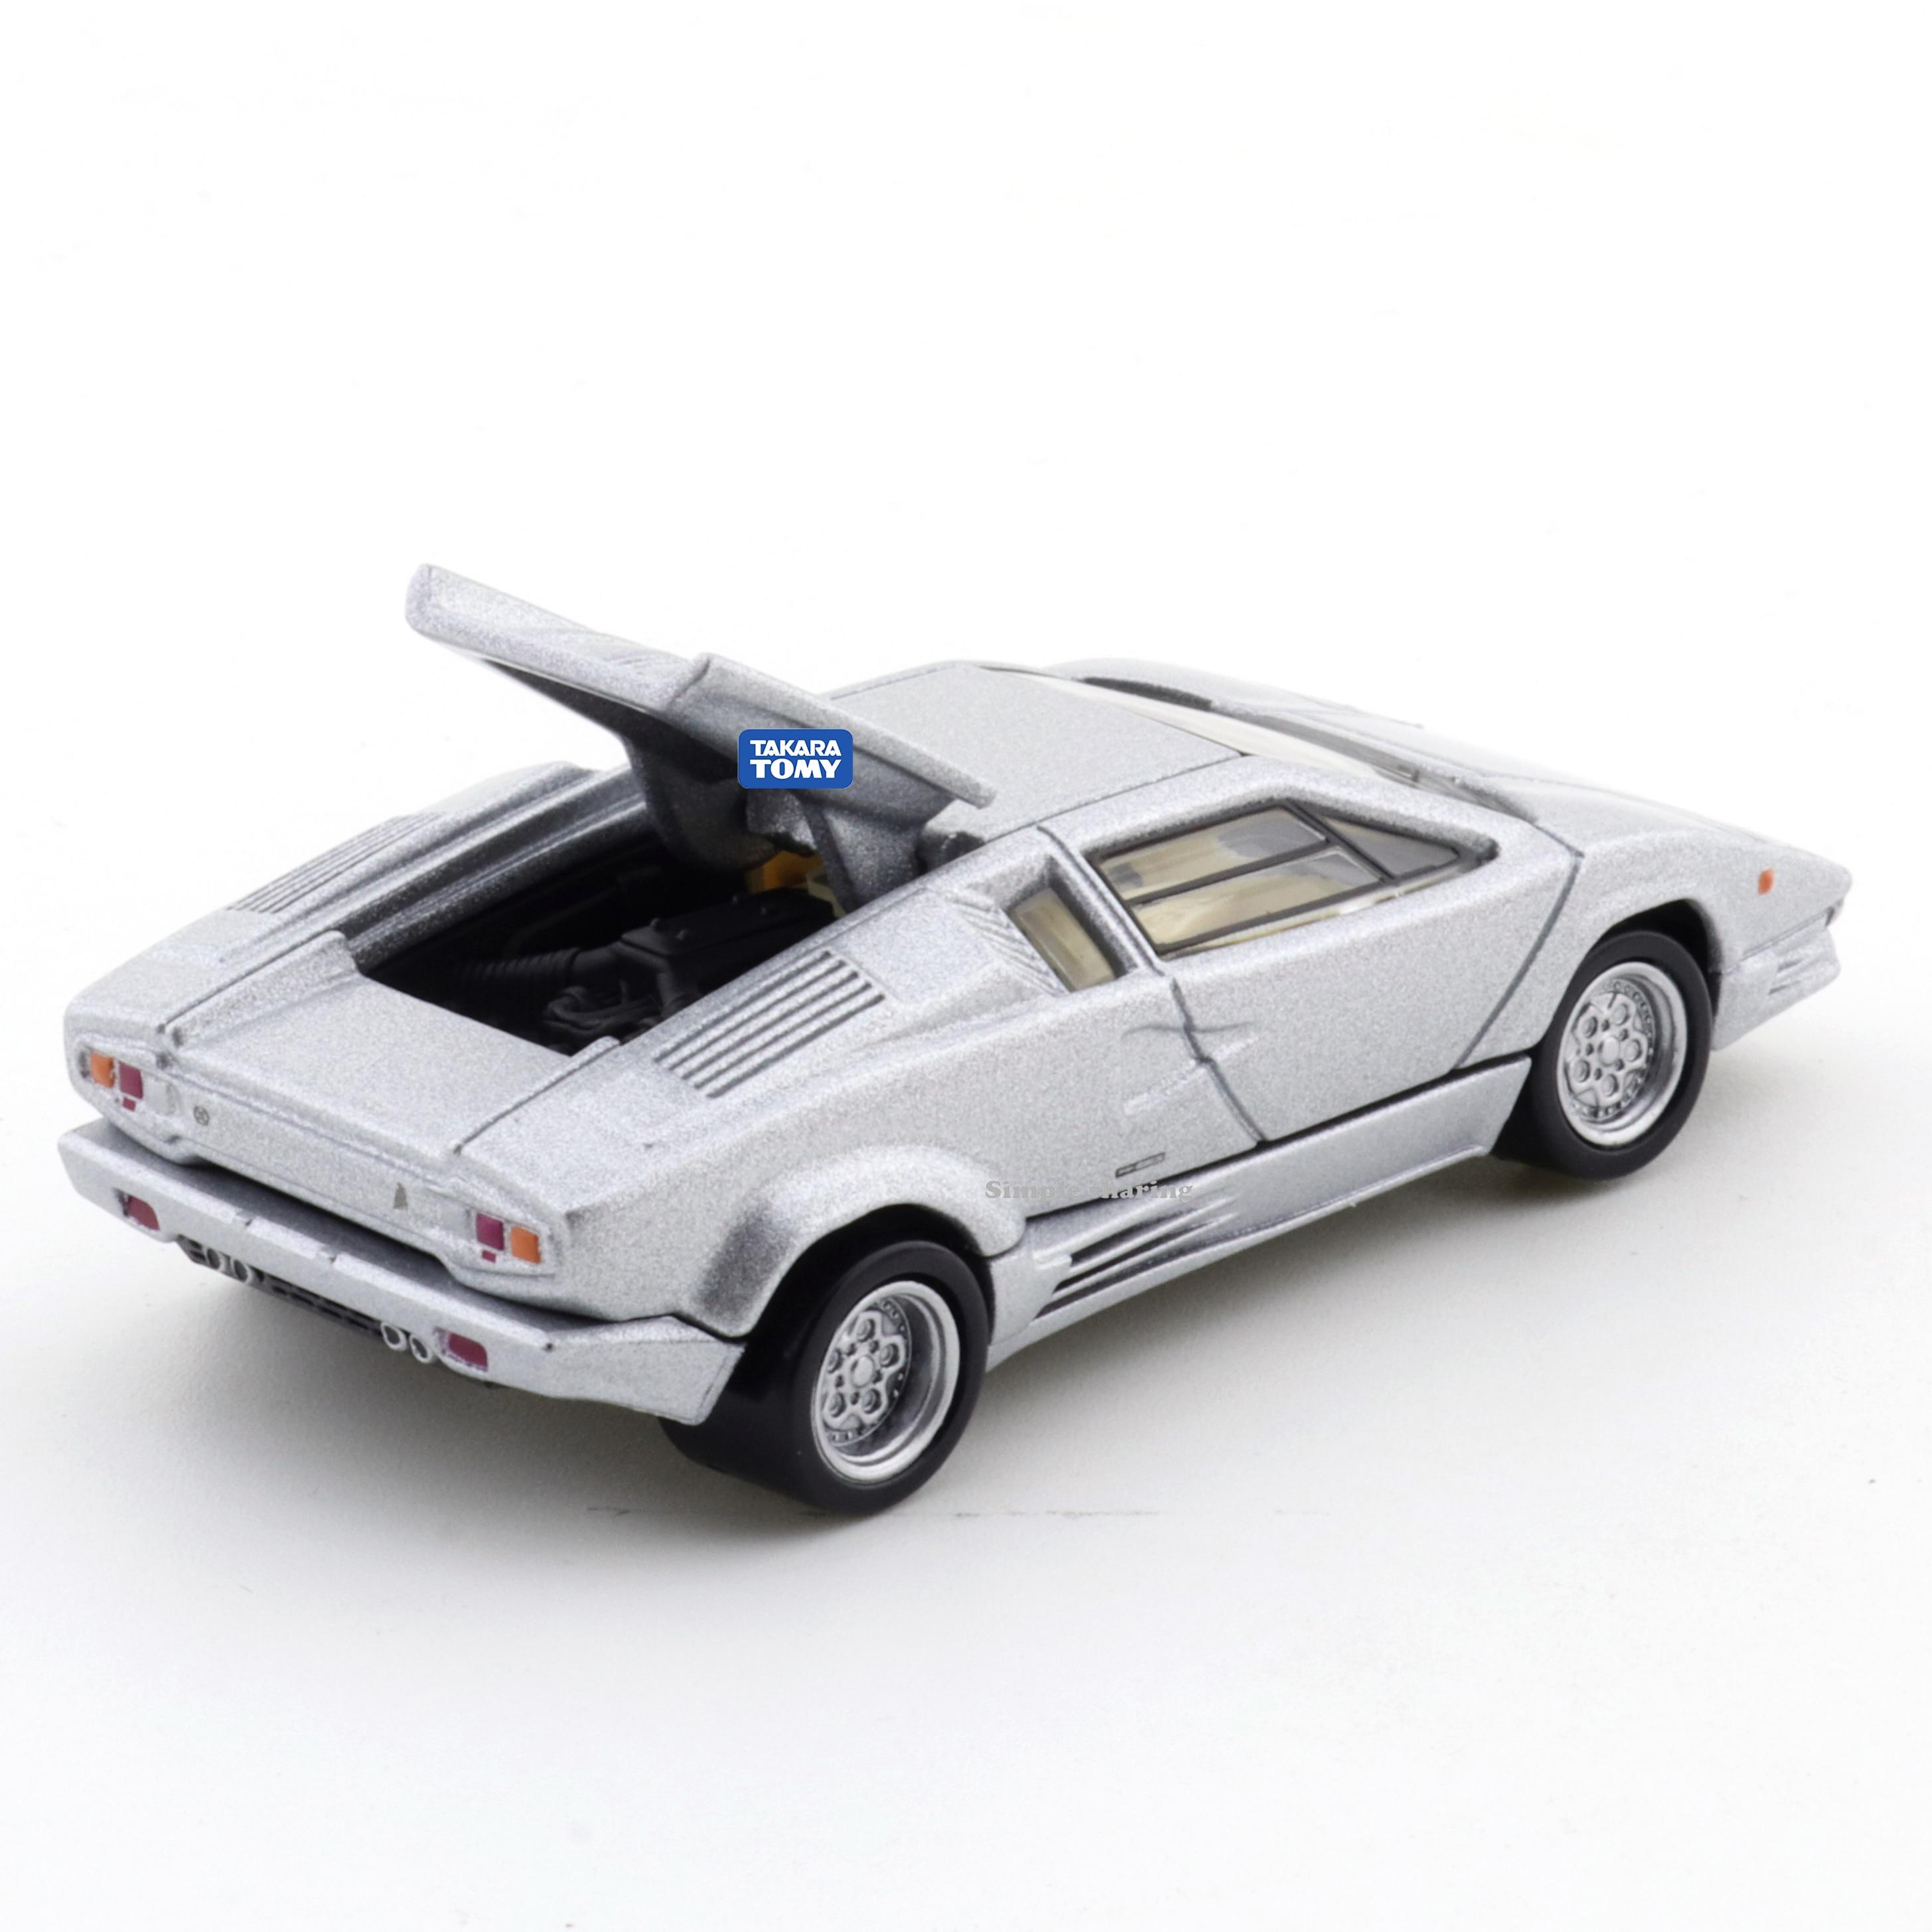 takara tomy tomica premium modelo metal 04